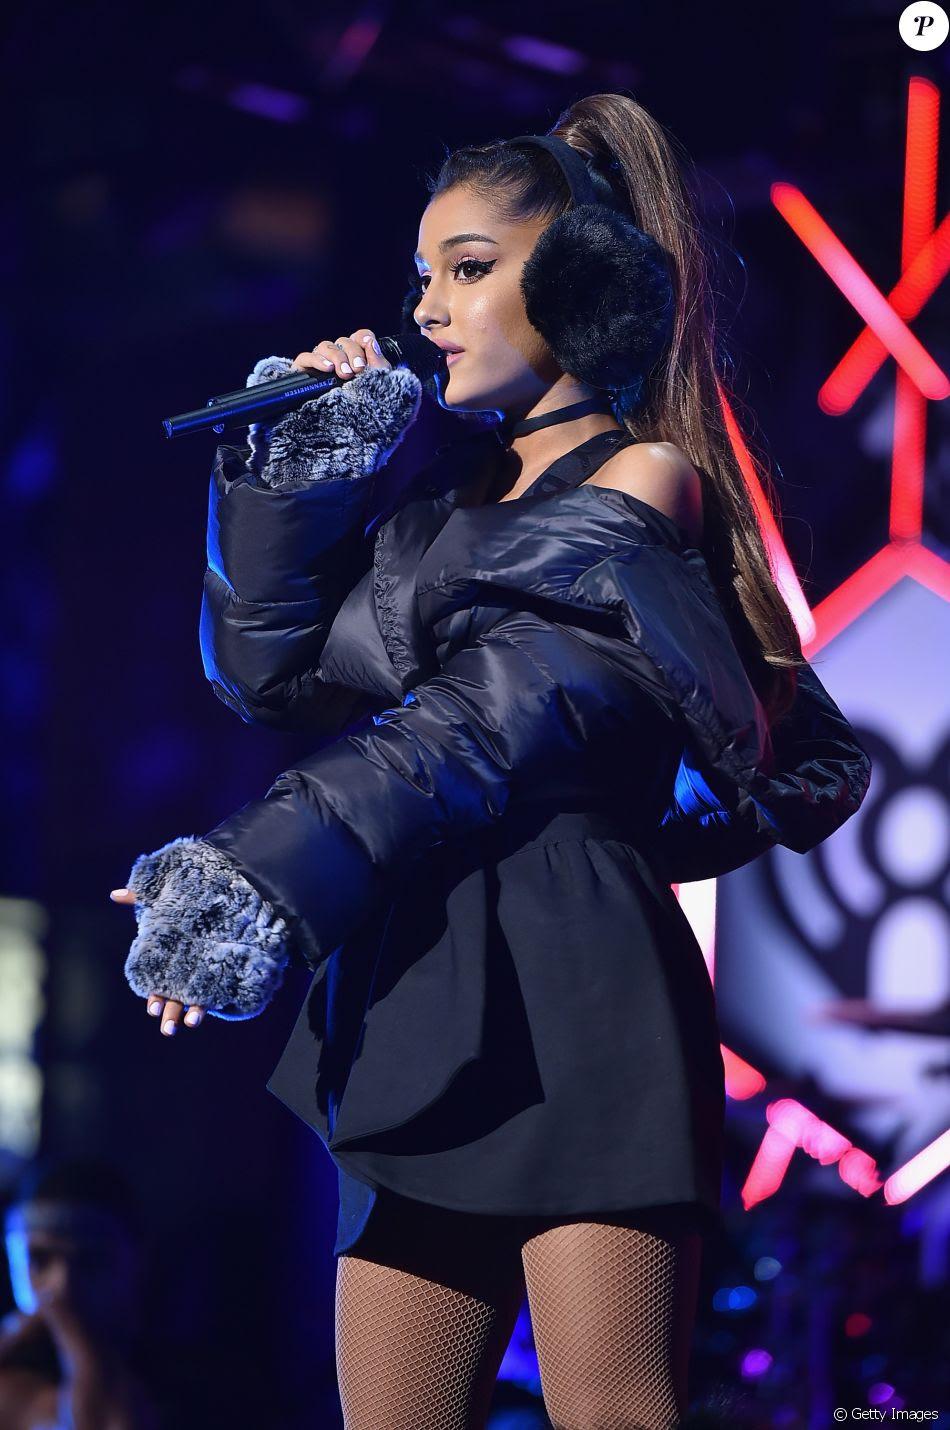 Os fãs de Ariana Grande começaram a acampar um mês antes do show da cantora em São Paulo